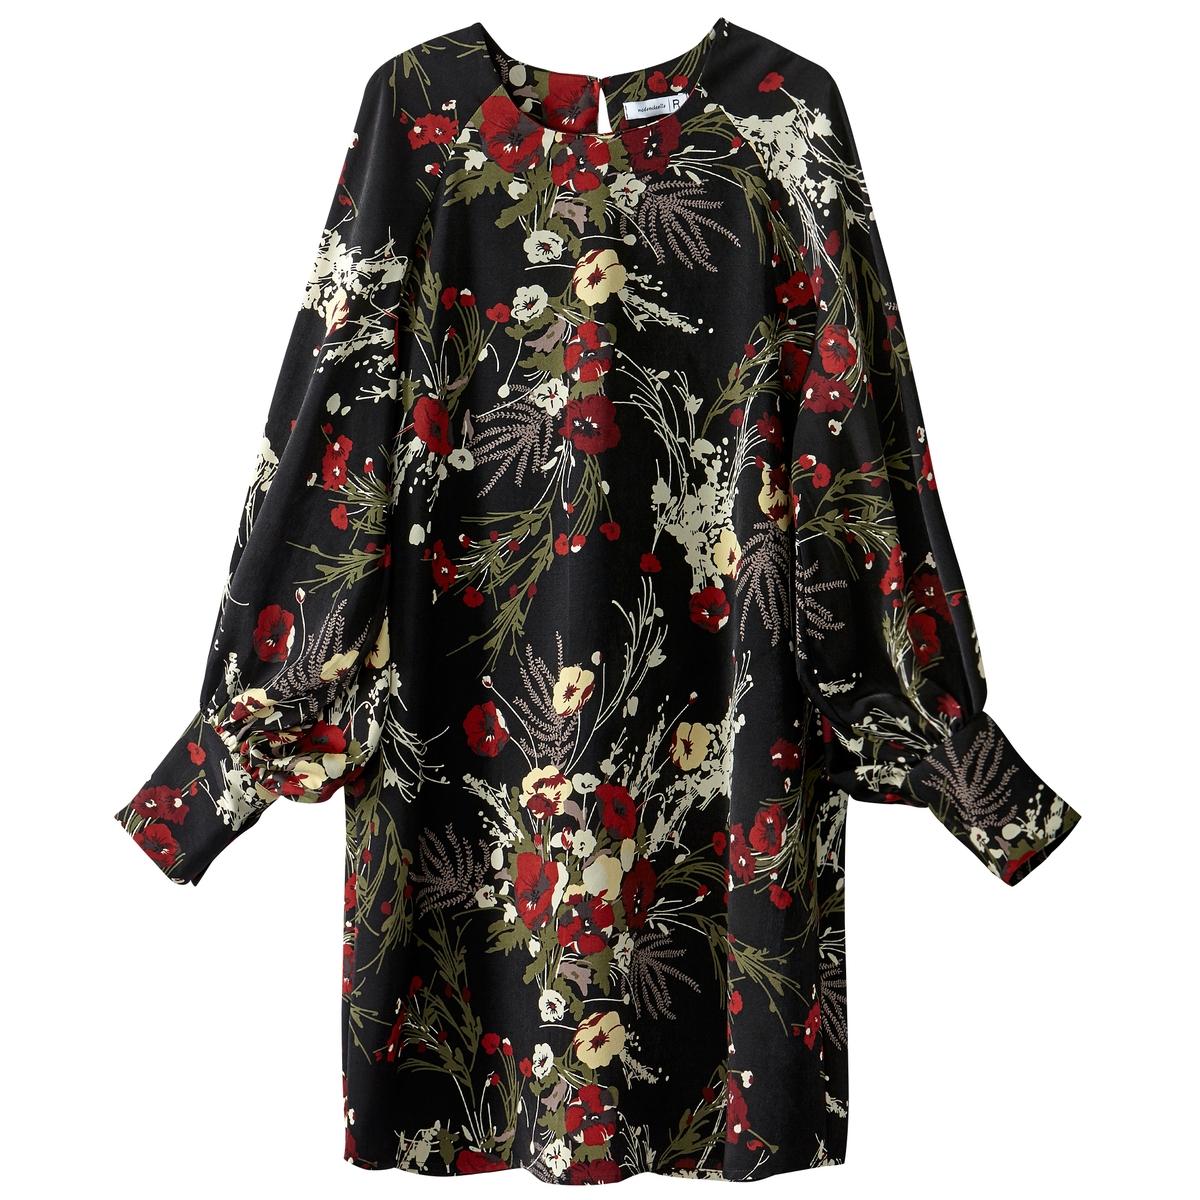 Платье короткое прямое с цветочным рисунком, с длинными рукавами платье с запахом длинными рукавами и цветочным рисунком